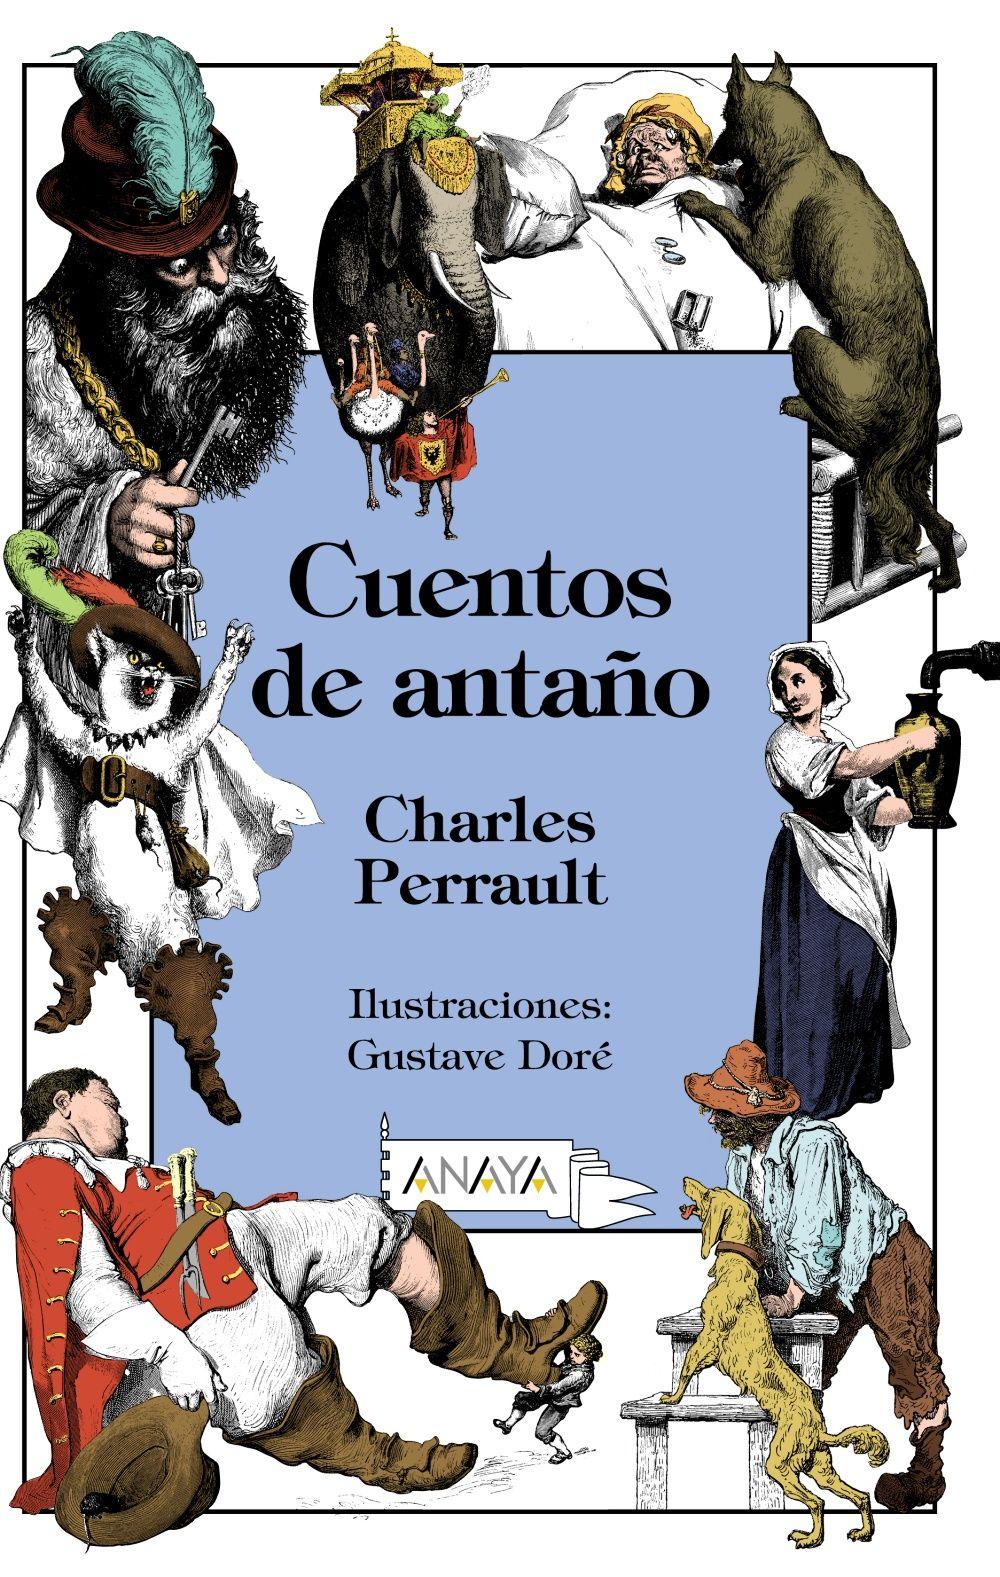 Cuentos de antaño Charles Perrault Ilustraciones de Gustave Doré